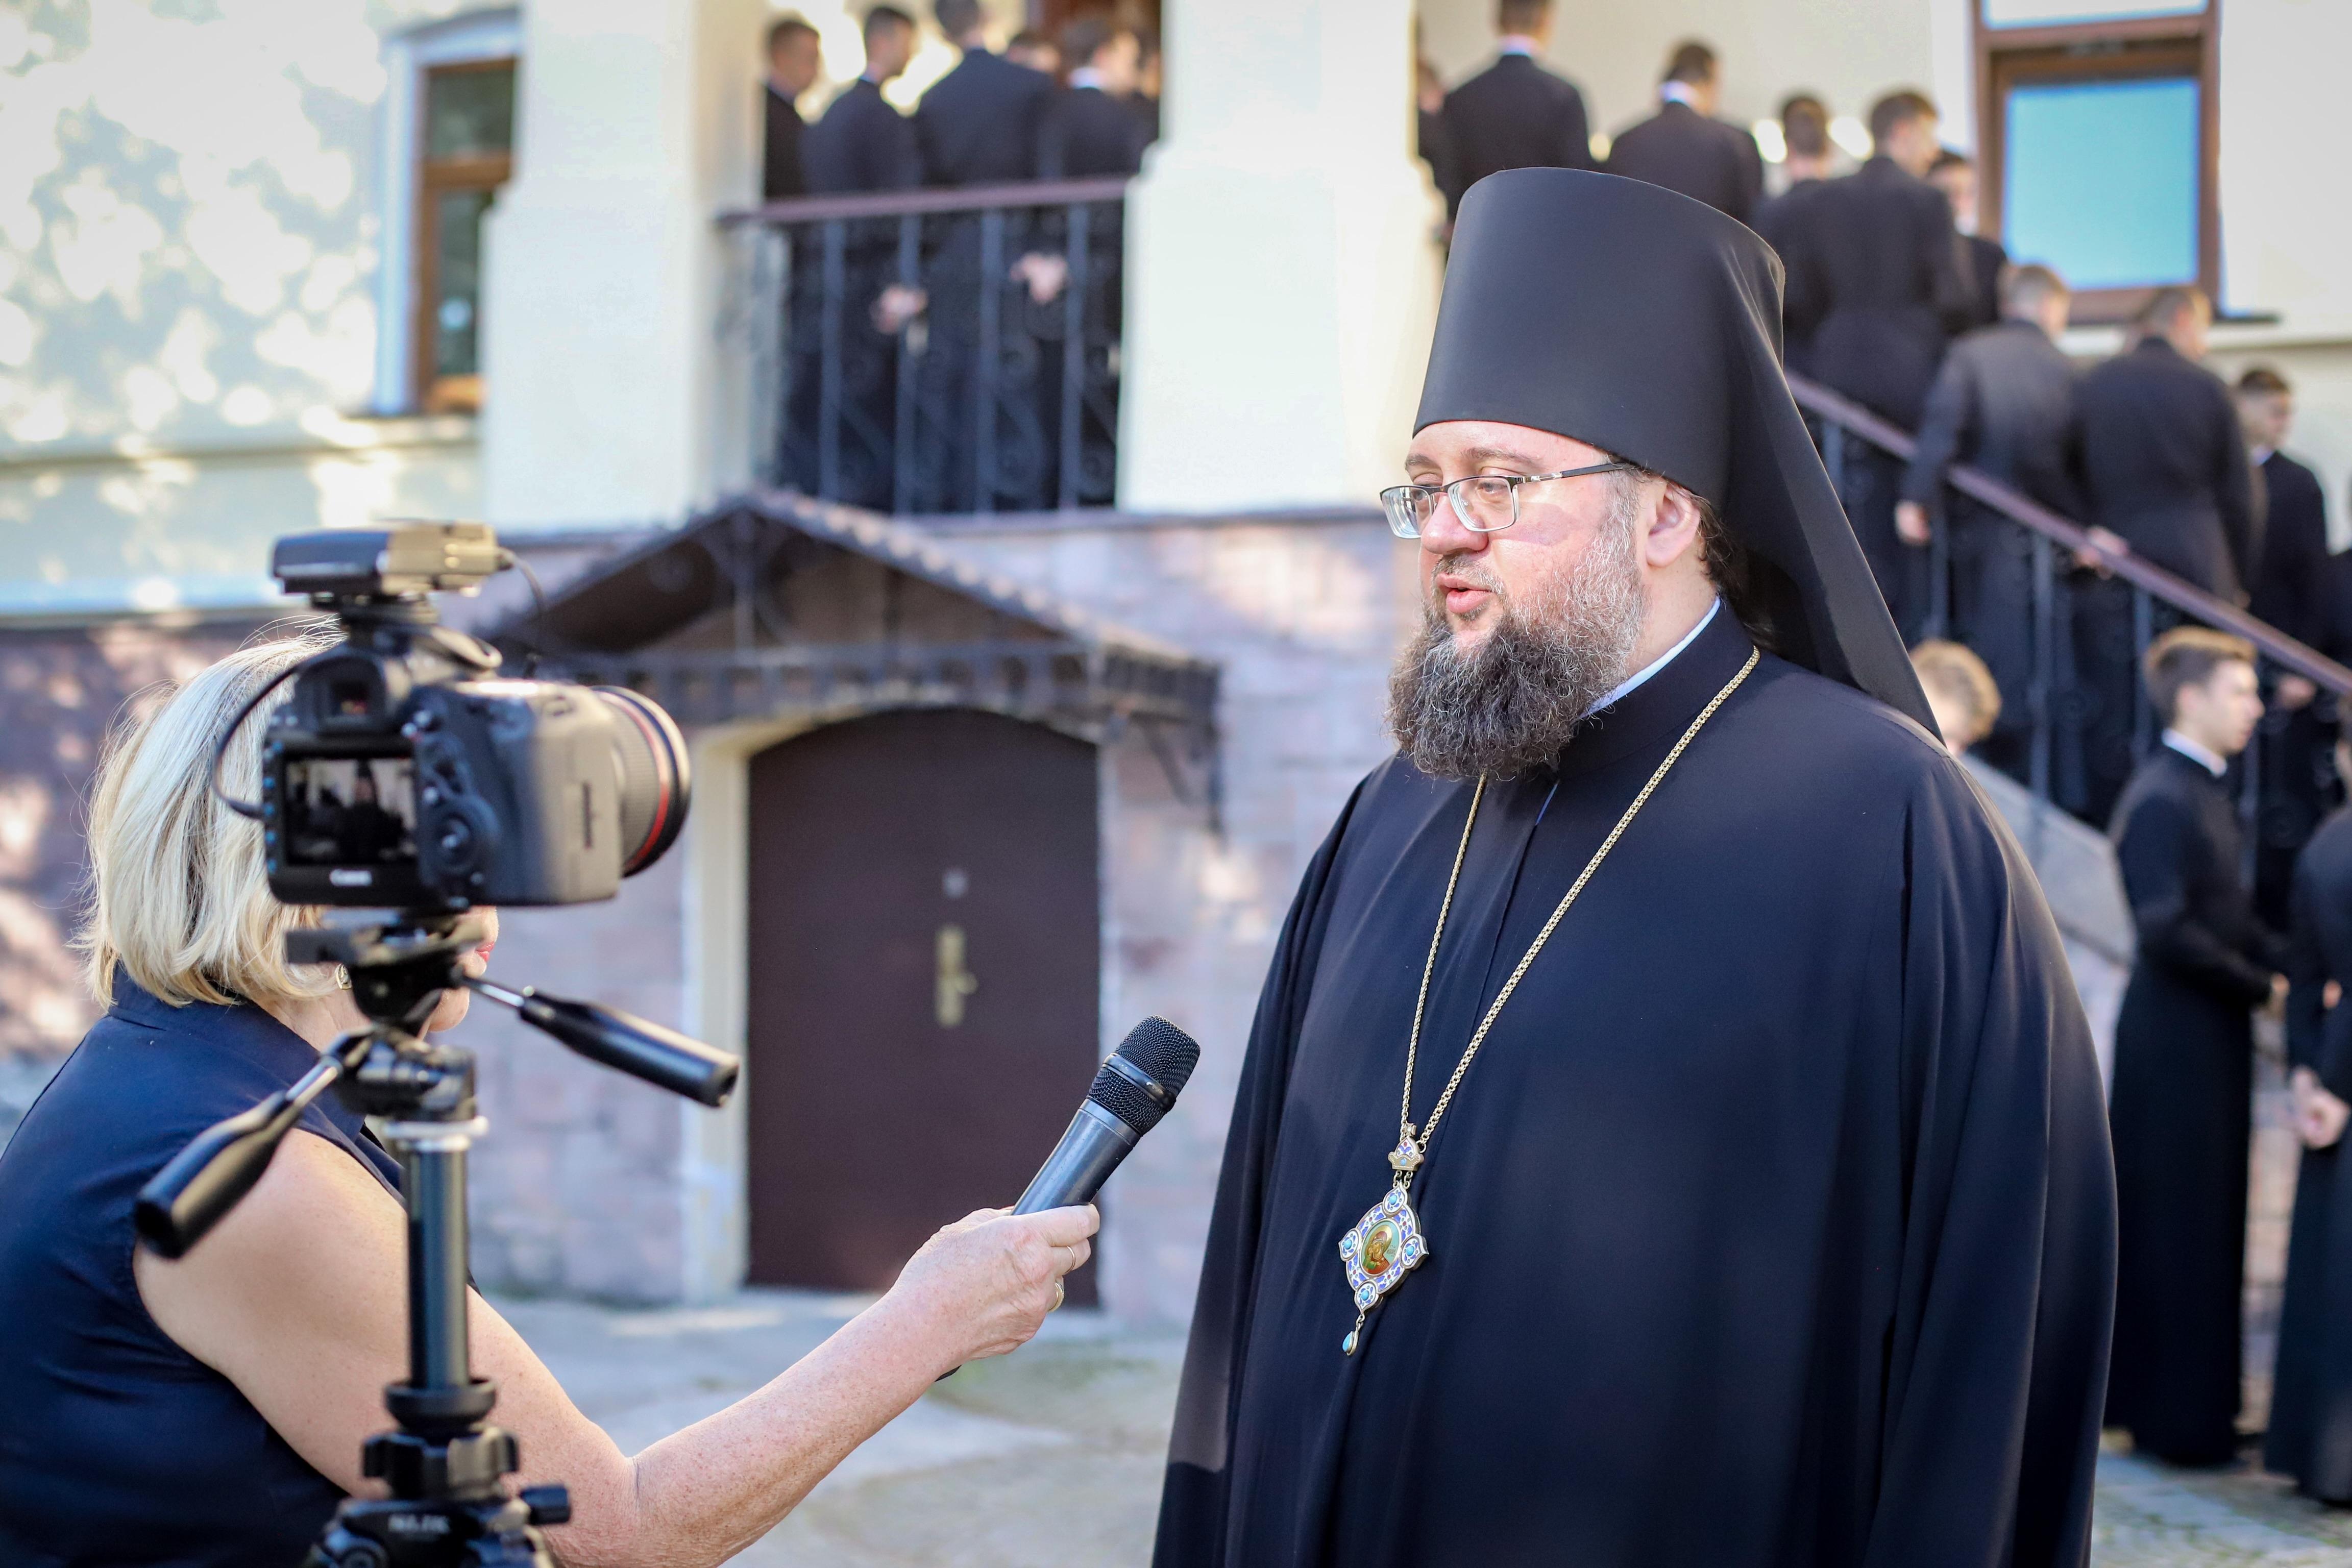 Єпископ Сильвестр (Стойчев) про автокефалію, прийняття з розколу і нову еклезіологію Константинопольського Патріархату